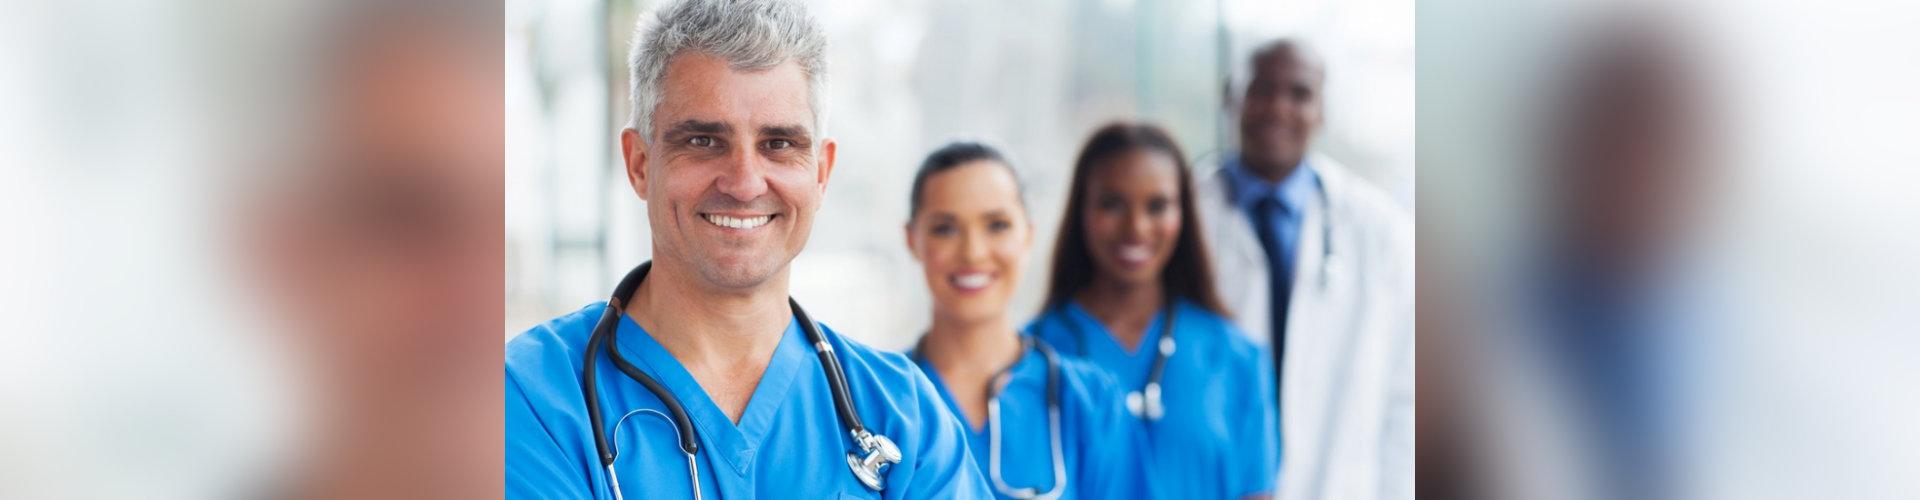 handsome senior medical doctor and team at hospital